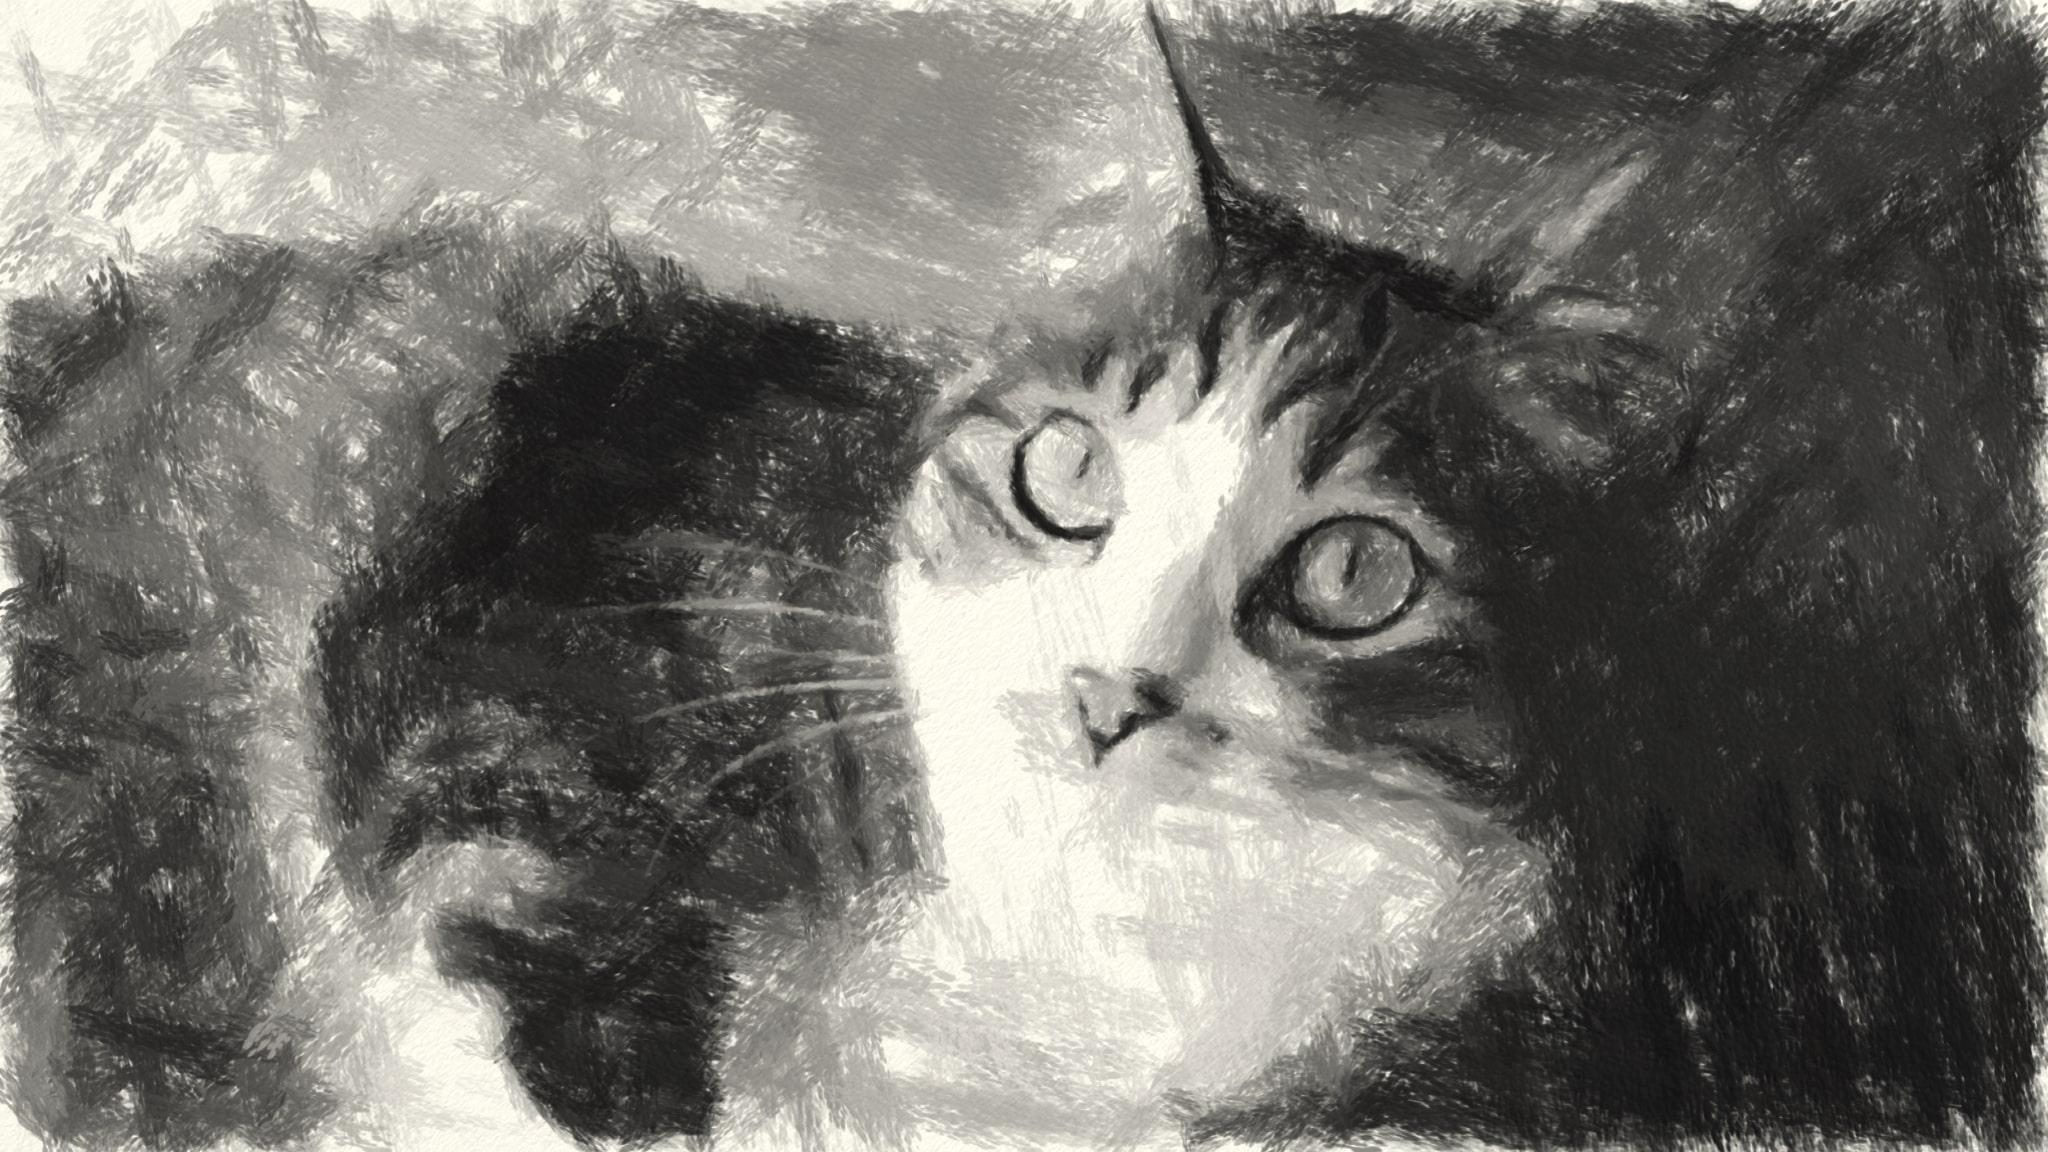 猫の写真のCharcoal描写